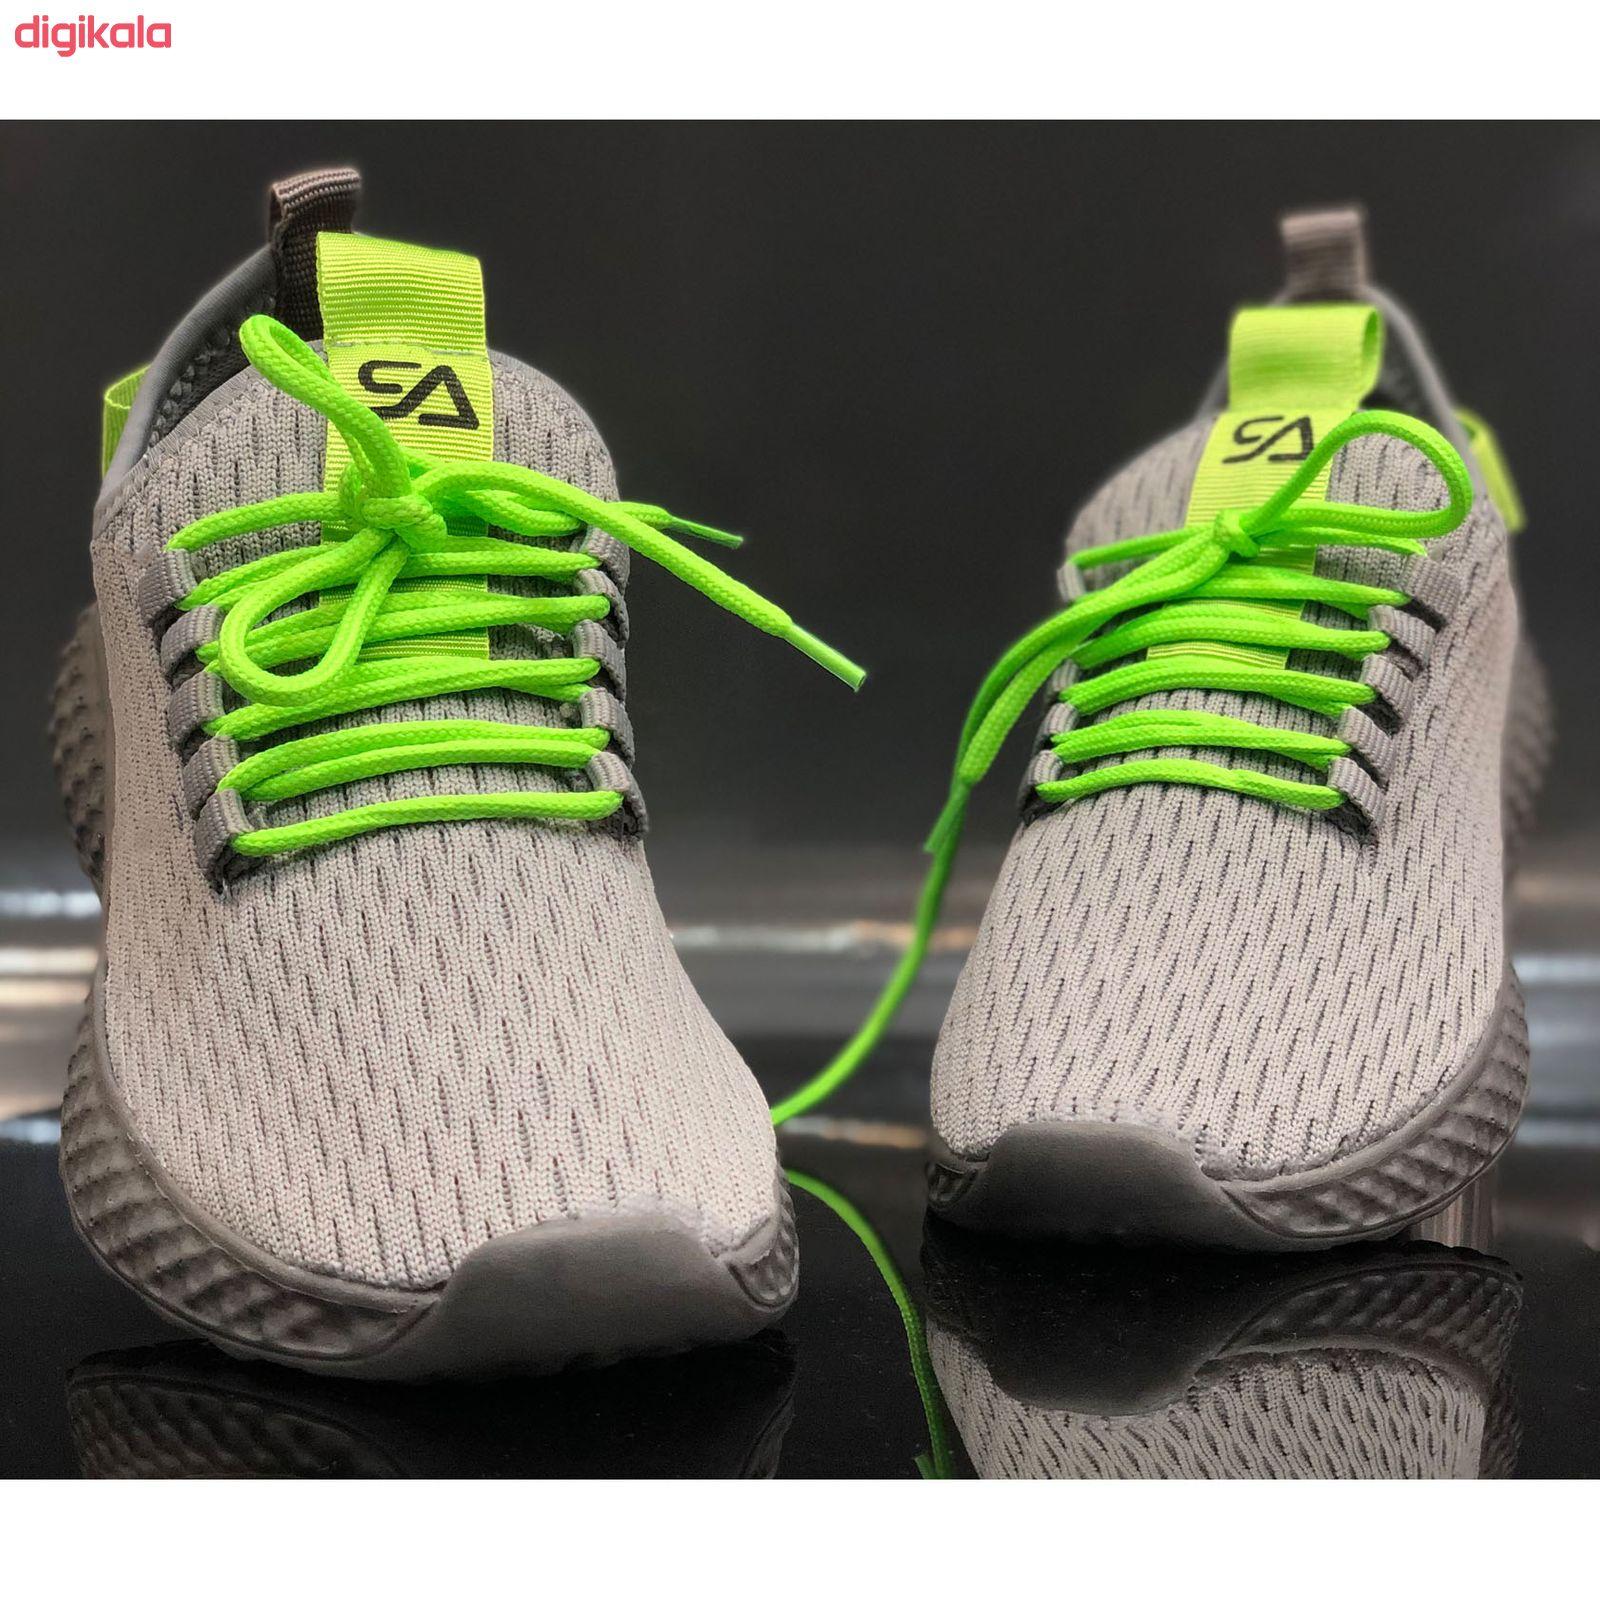 کفش اسکیت برد کفش سعیدی مدل Sa 8000 main 1 1